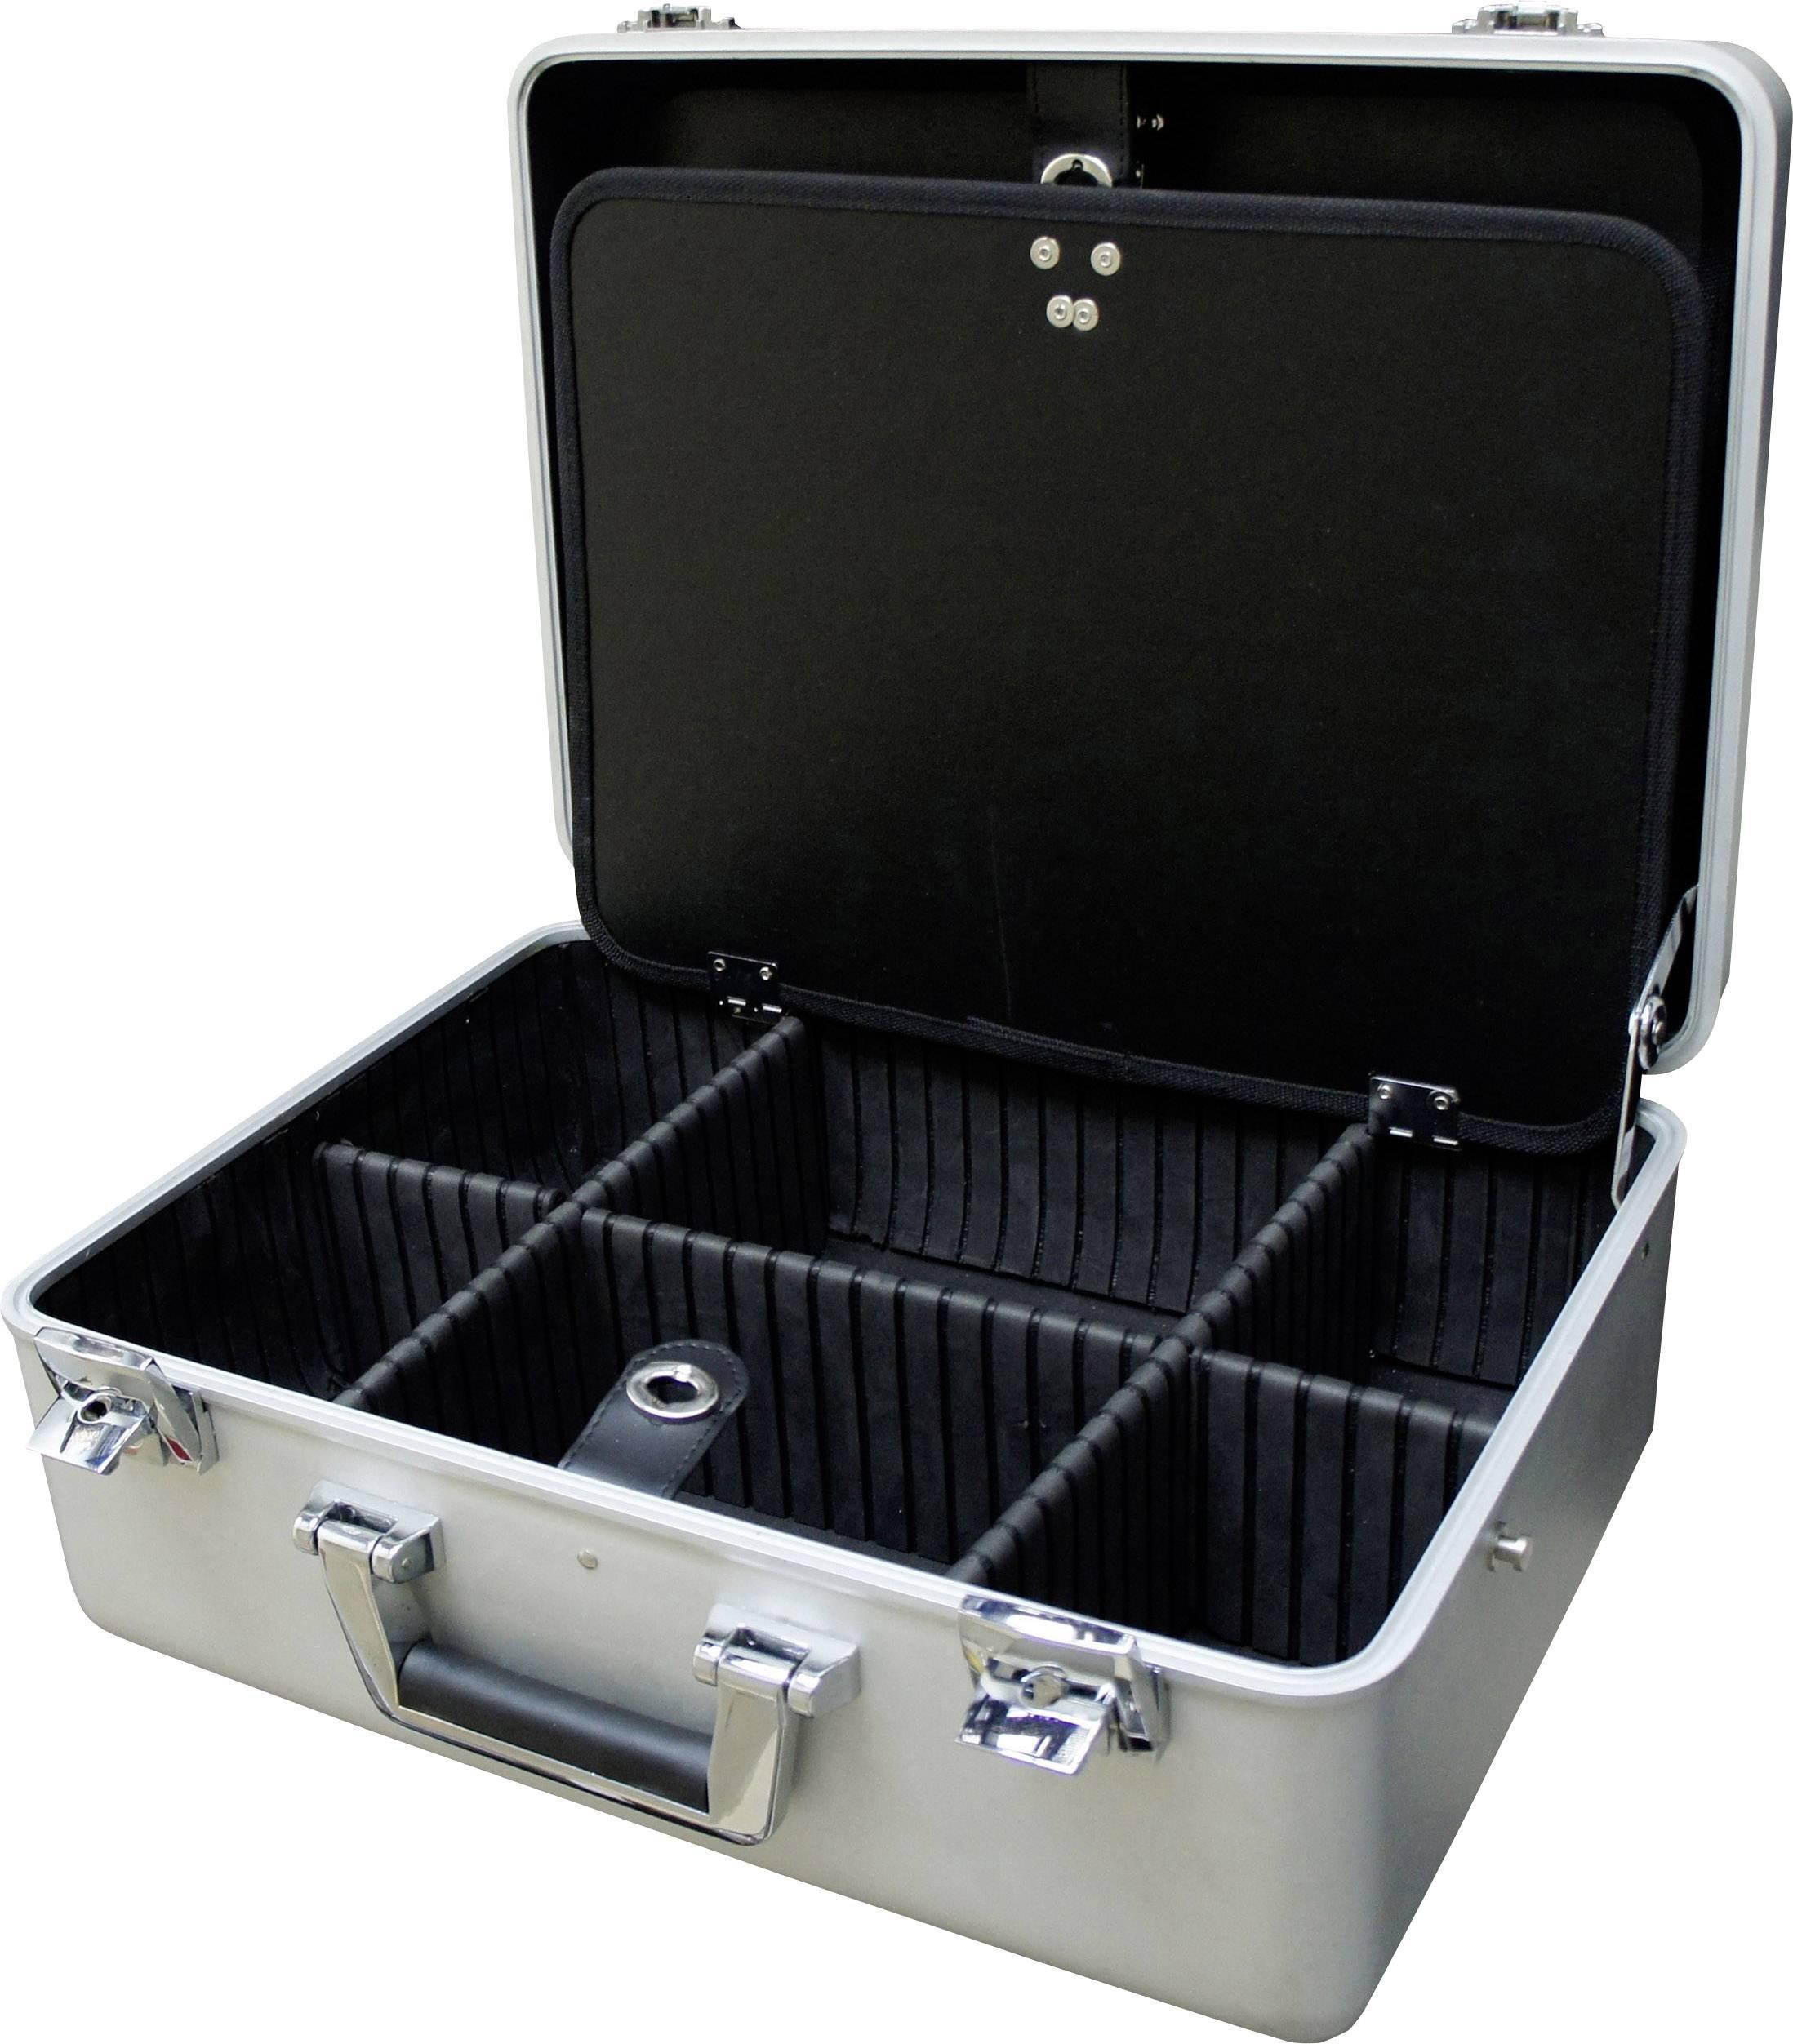 Kufřík na nářadí VISO MC1806, (š x v x h) 440 x 125 x 300 mm